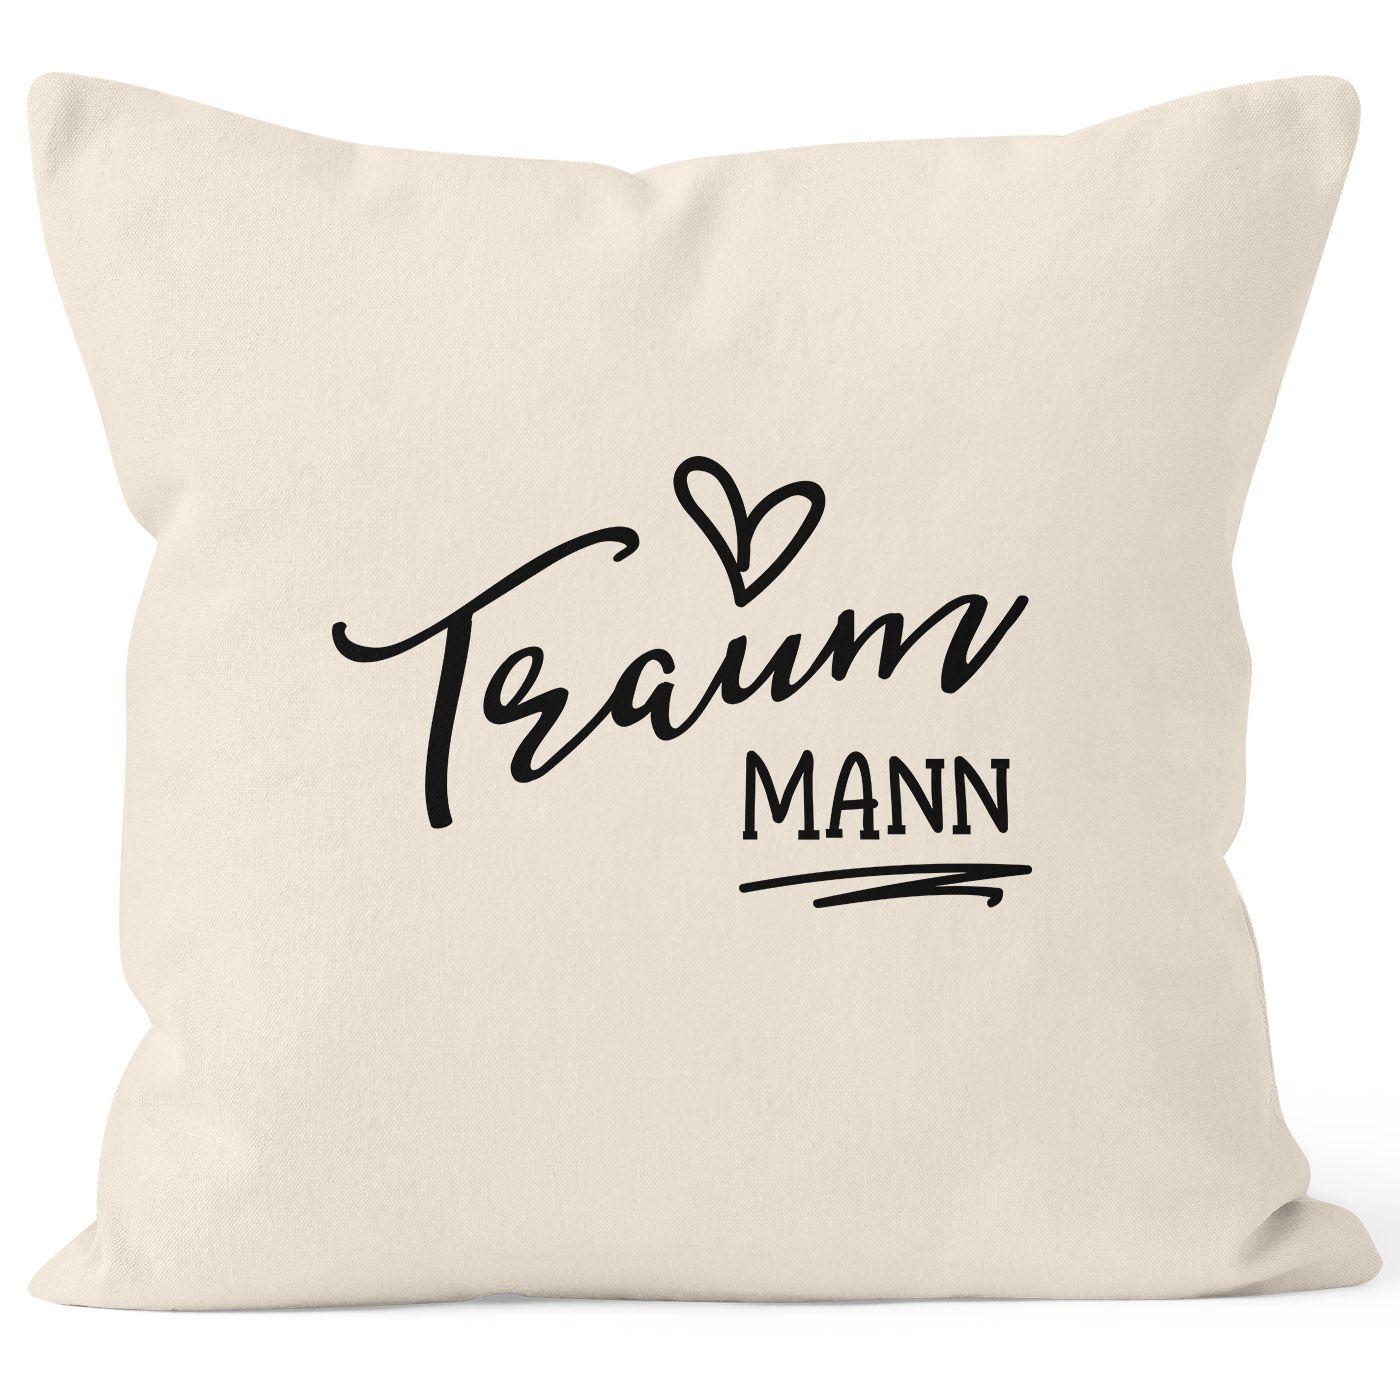 Baumwoll-Kissen Motiv Traum-Mann 40x40cm Valentinstag Geschenk Sofakissen Deko